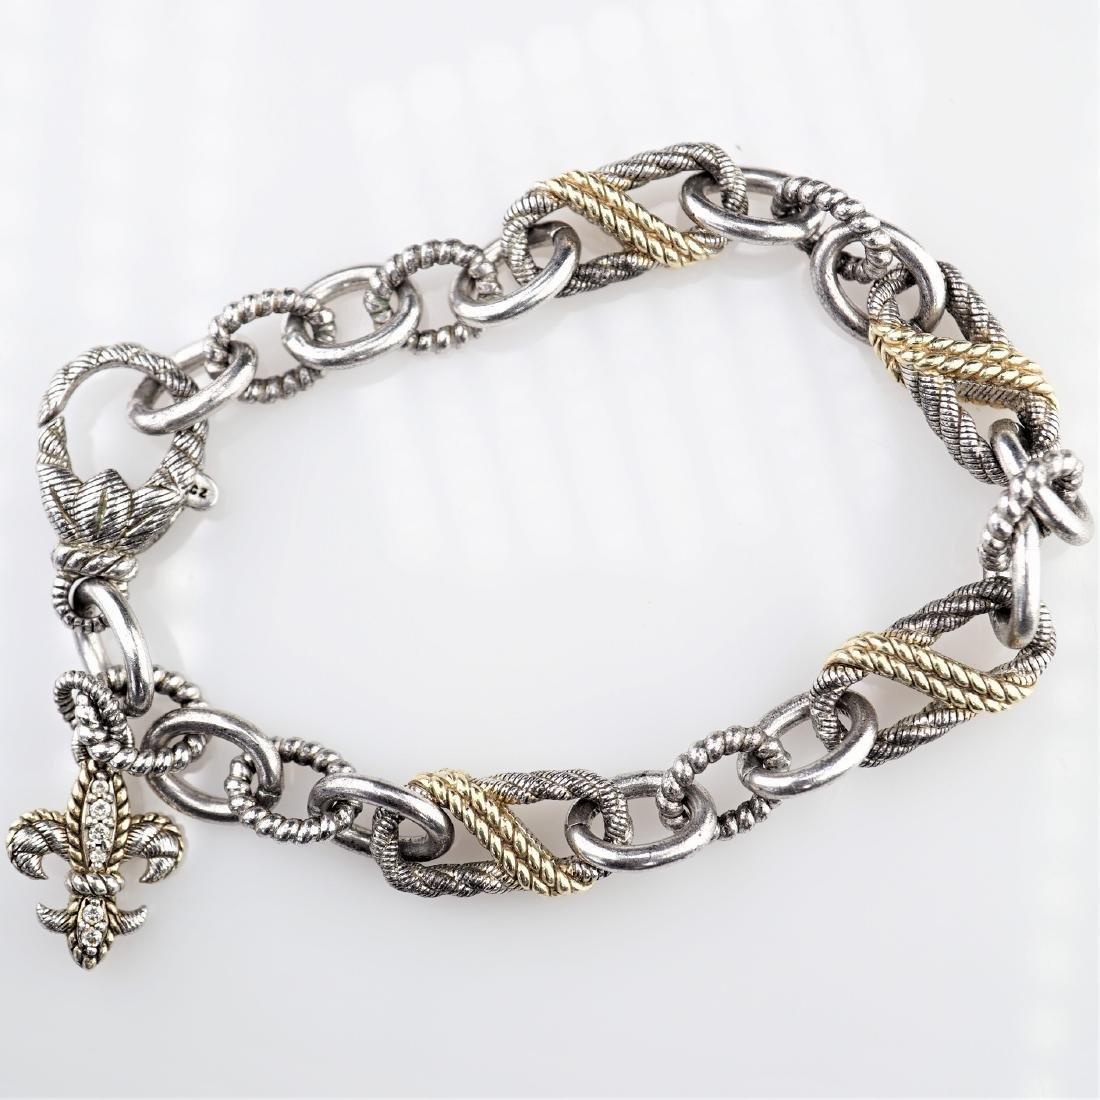 Judith Ripka Sterling Silver Chain Bracelet